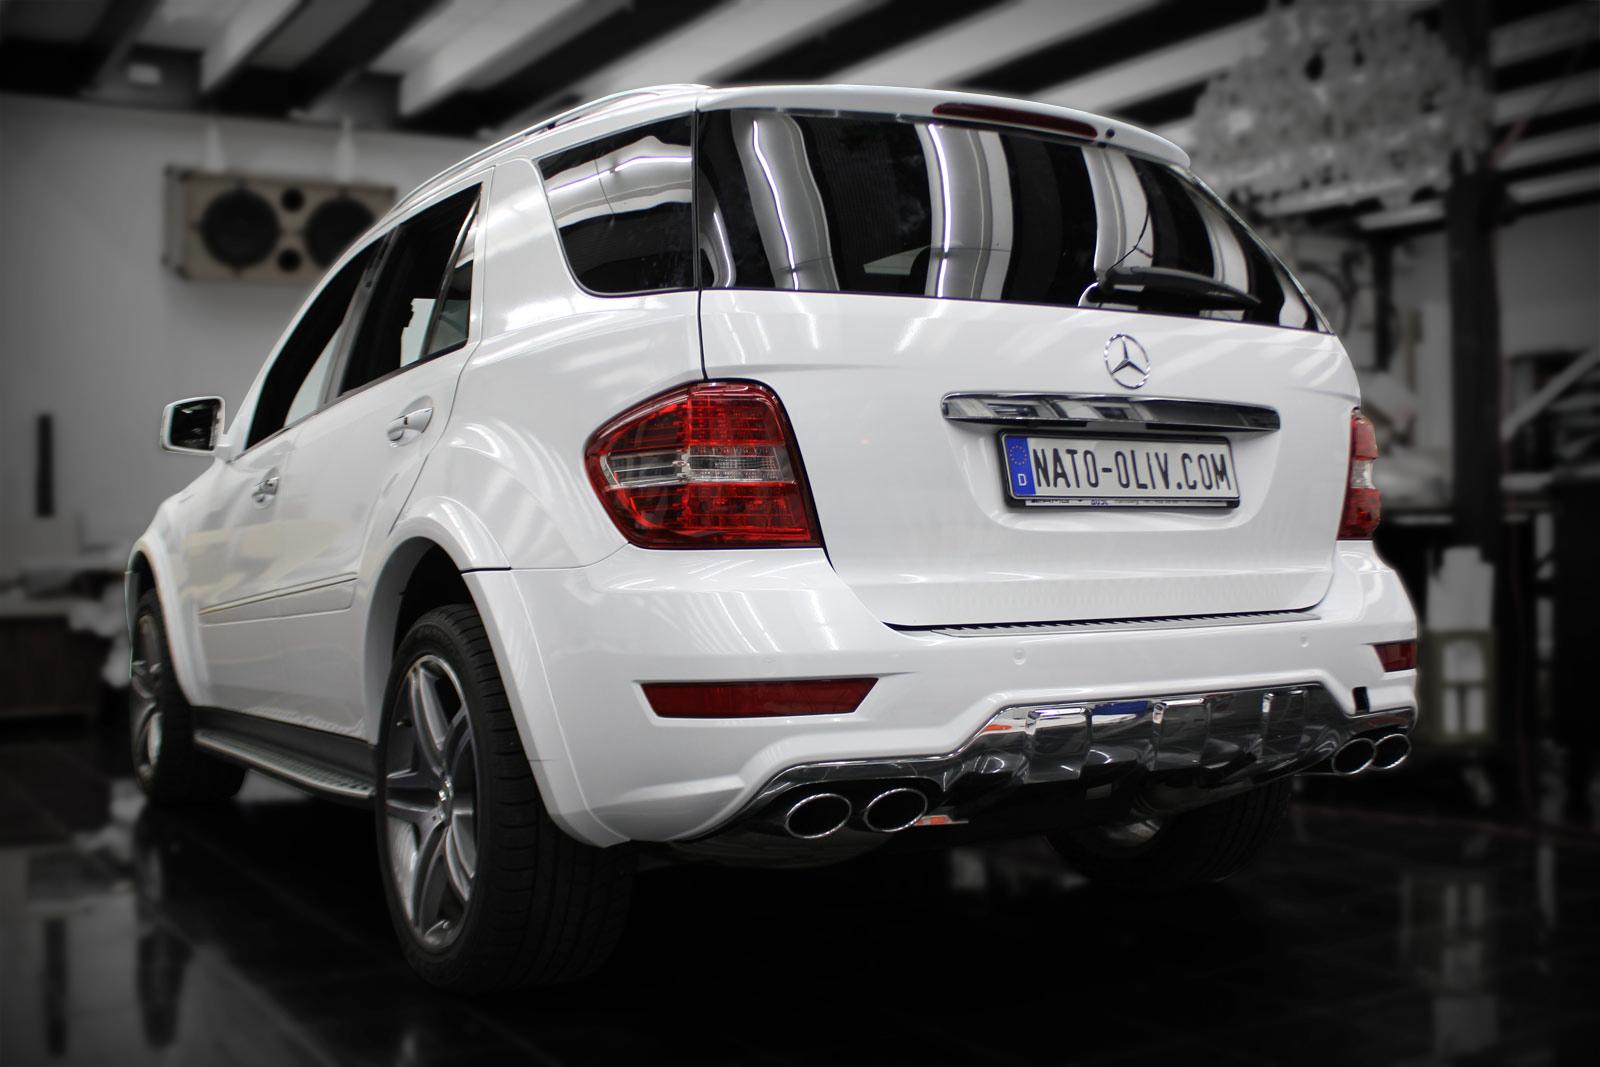 Mercedes_ML_63_AMG_Folierung_Weiss_Glanz_Titelbild